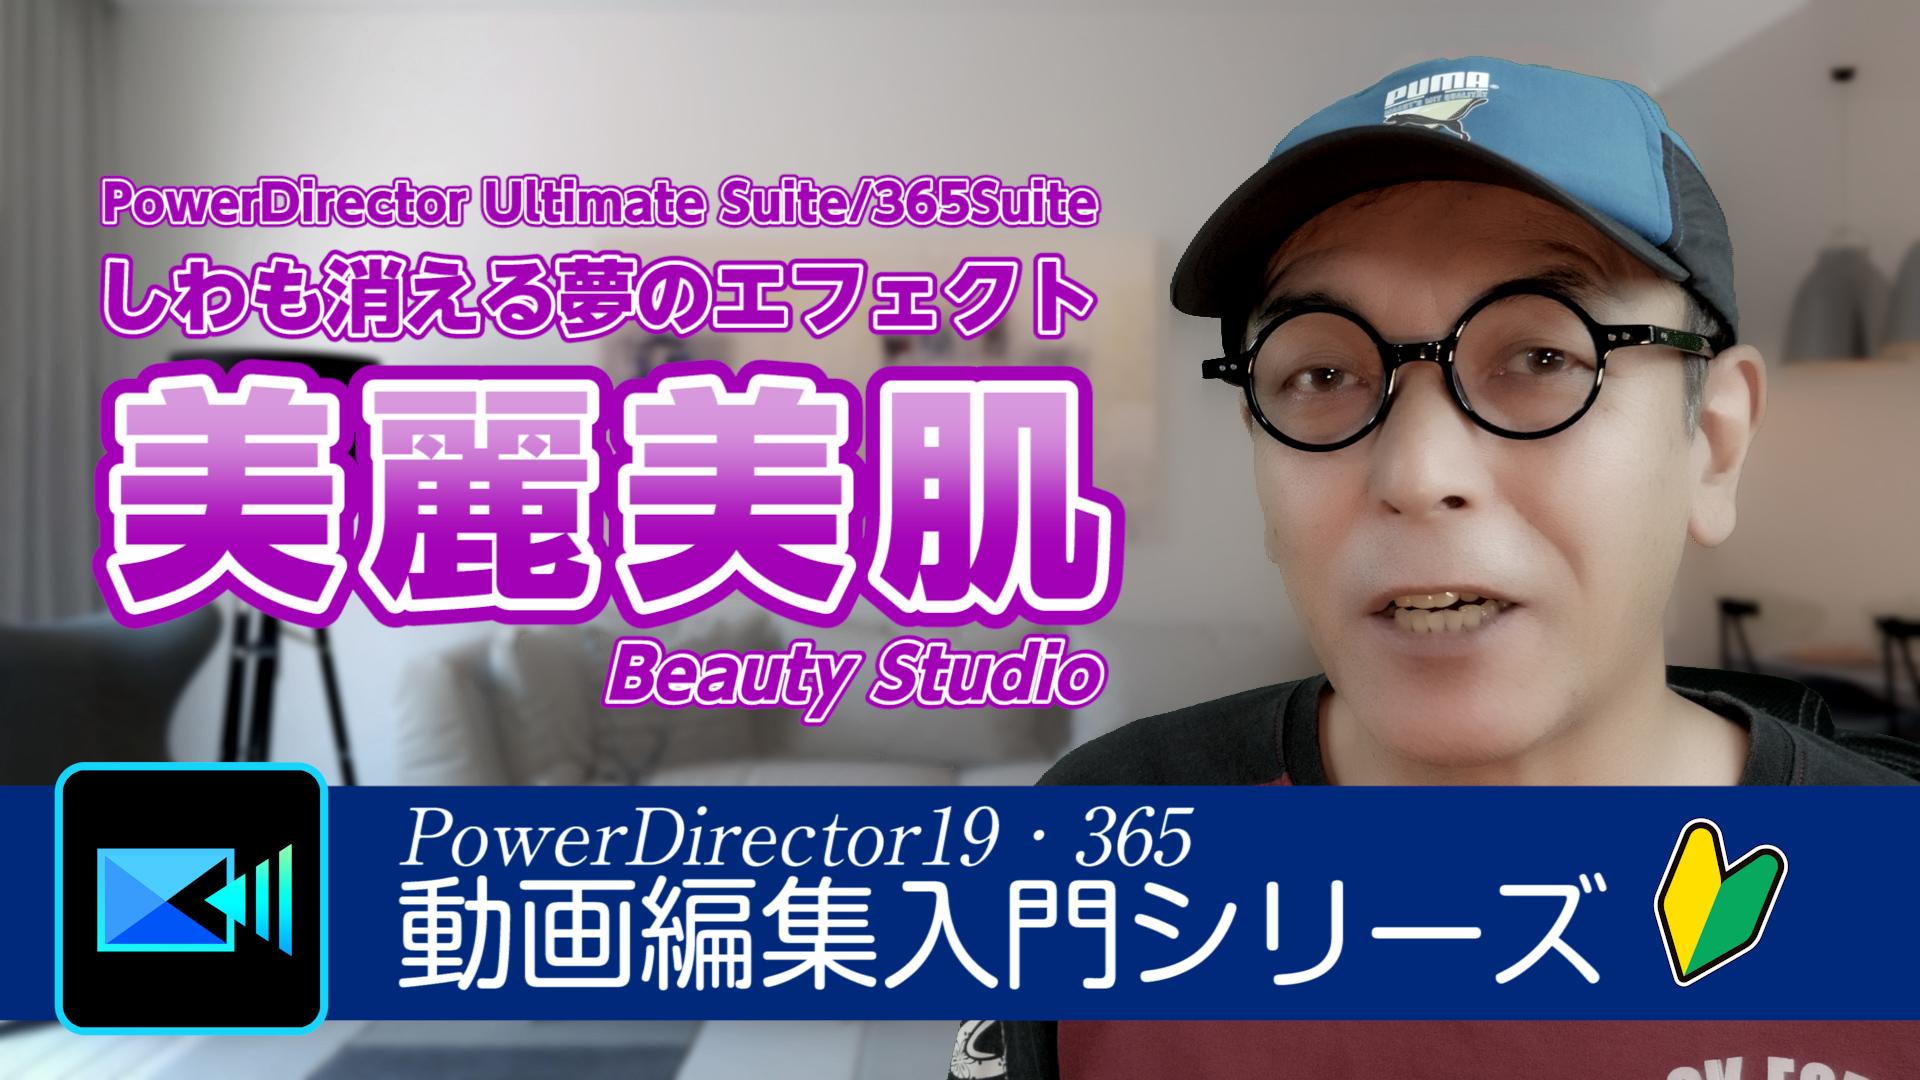 しわも消える夢のエフェクトBeautyStudioで美麗美肌に! - PowerDirector Ultimate Suite/Director Suite 365